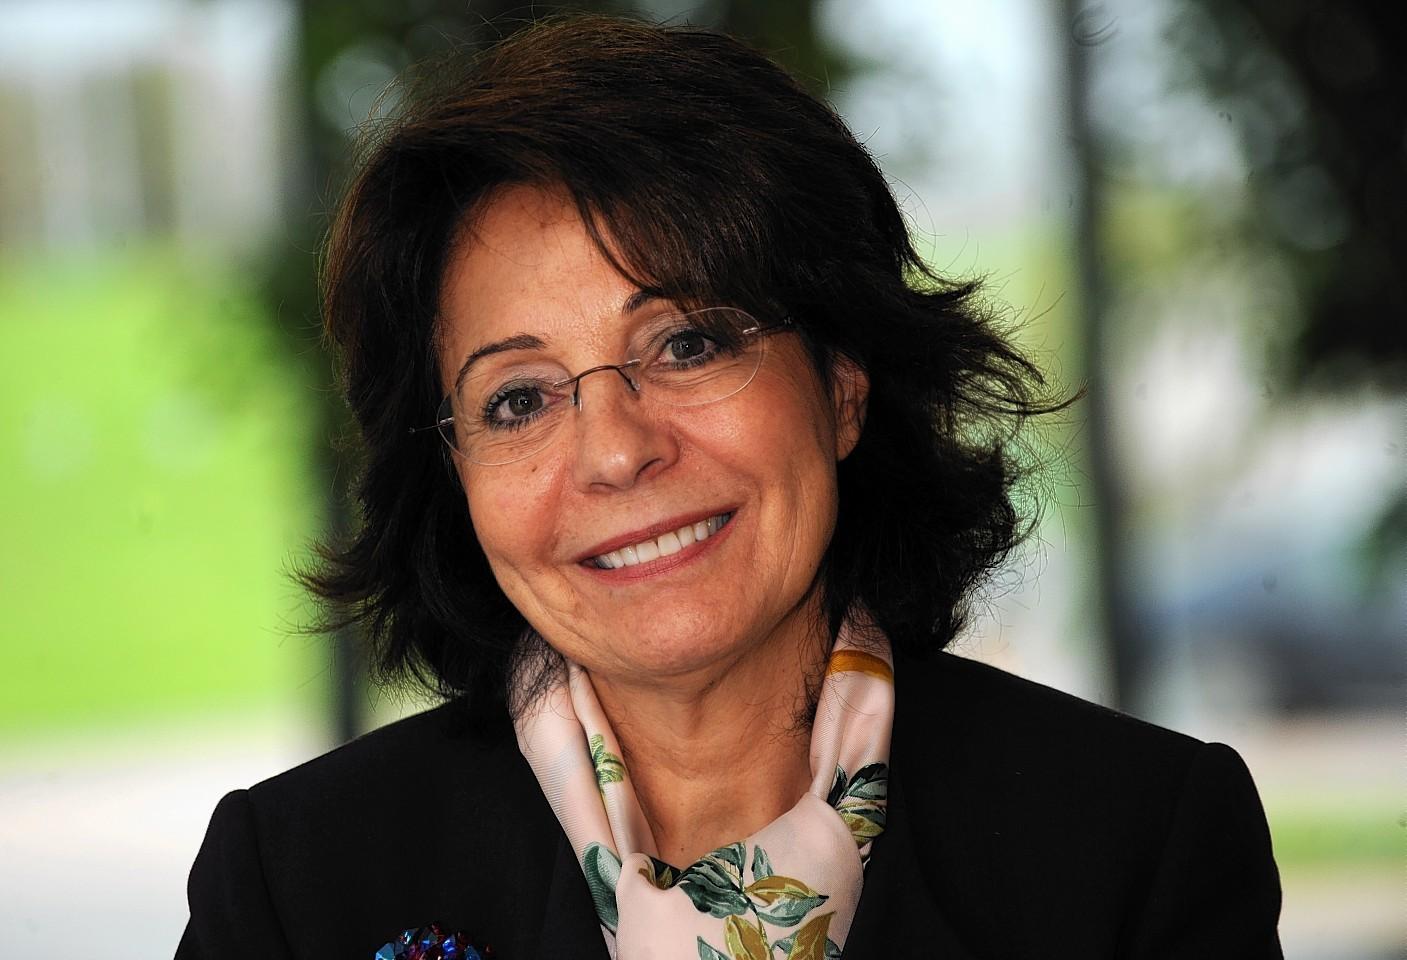 Maria Damanaki